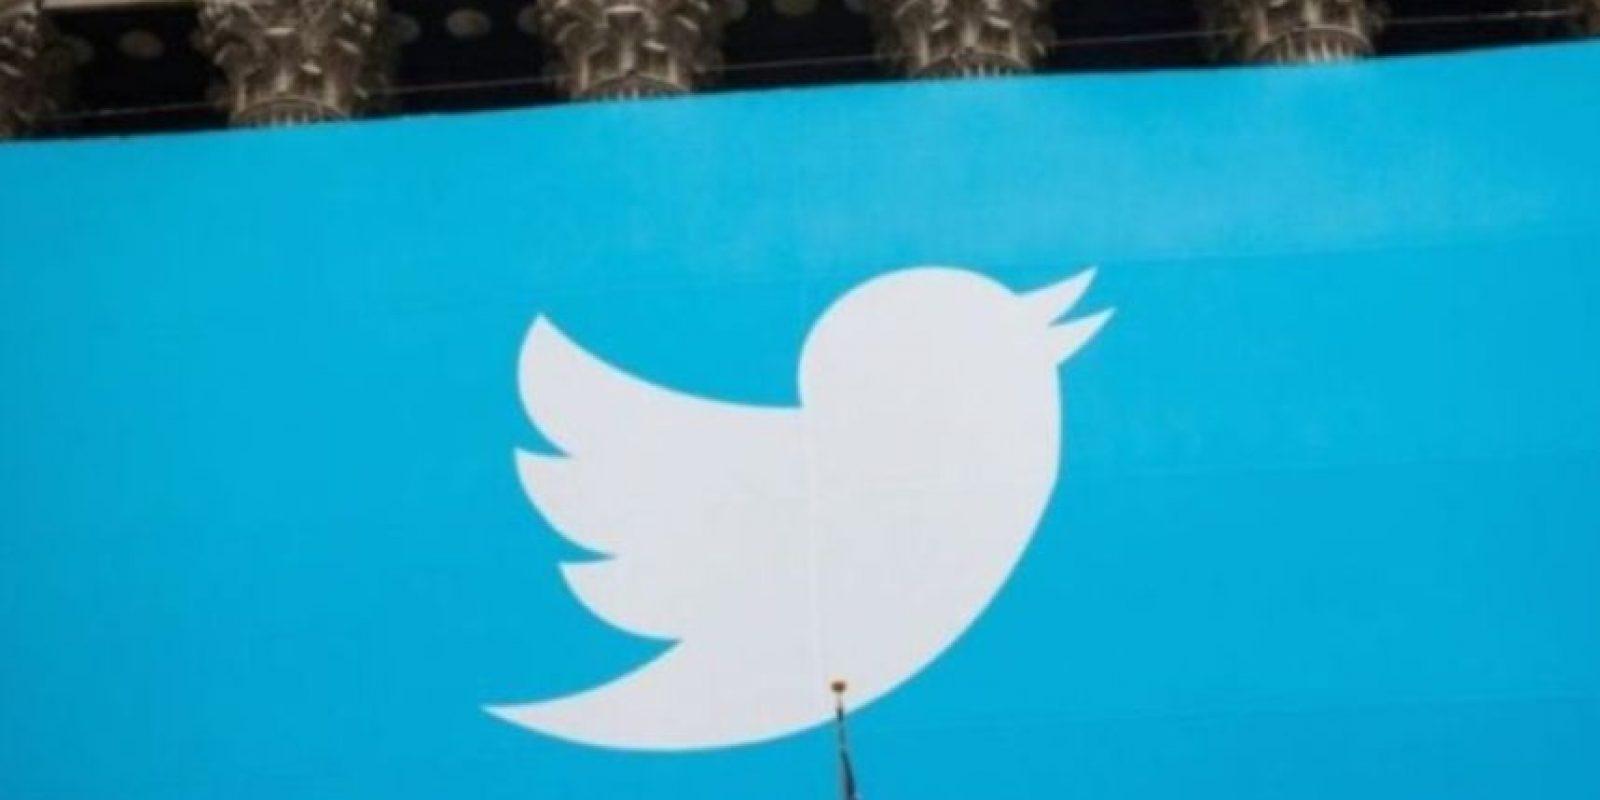 """Fue el 21 de marzo de 2006 cuando Jack publicó: """"Just setting up my twitter"""" (acabo de crear mi Twitter). Foto:Getty Images"""